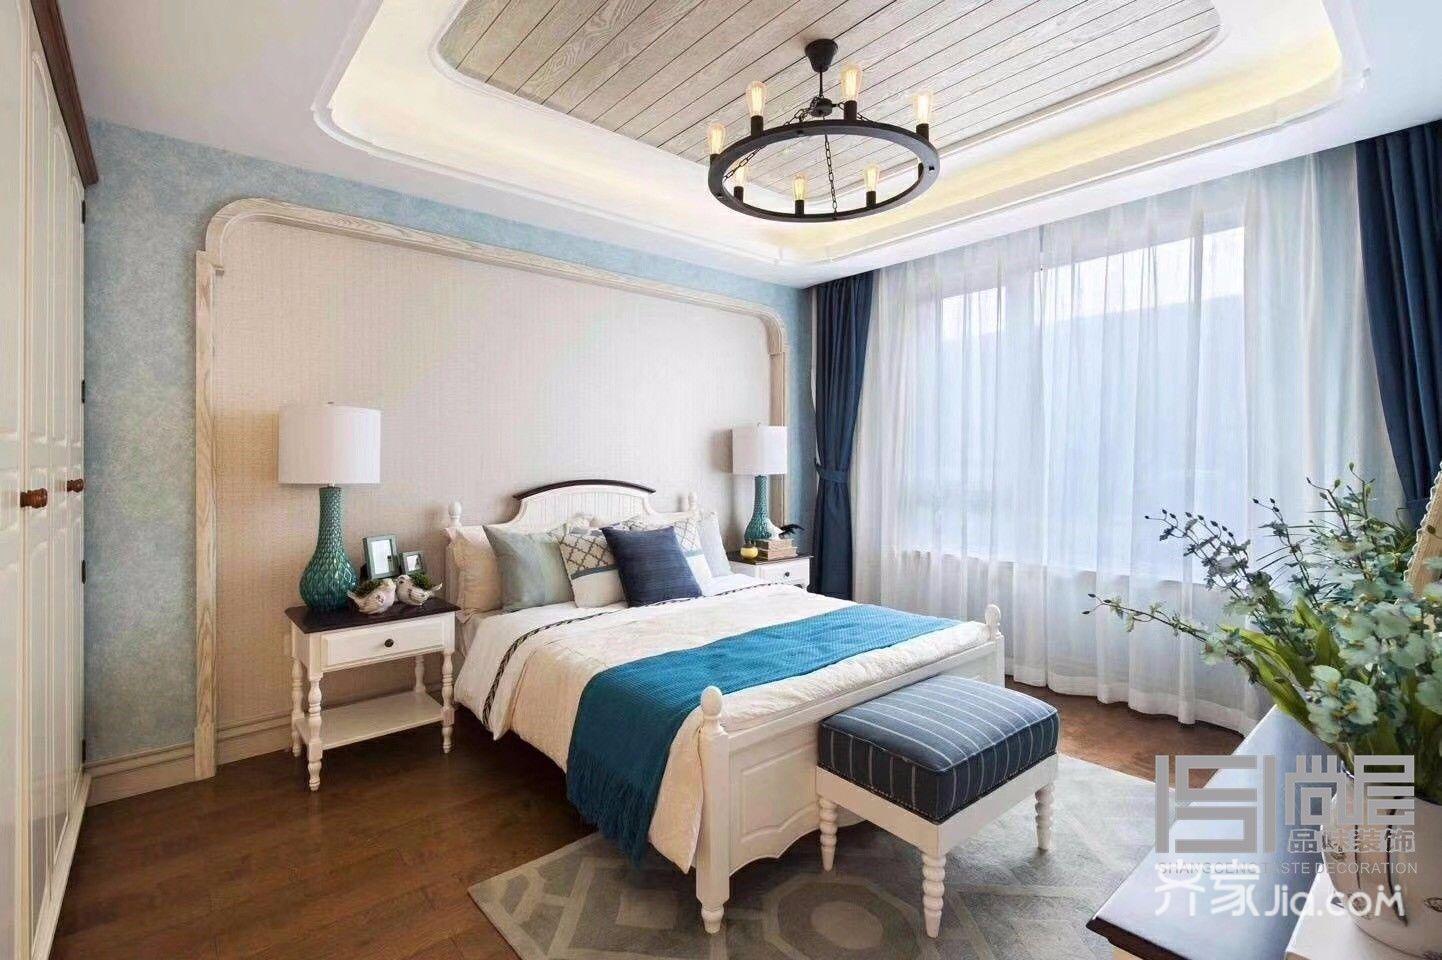 110㎡地中海风格装修卧室效果图